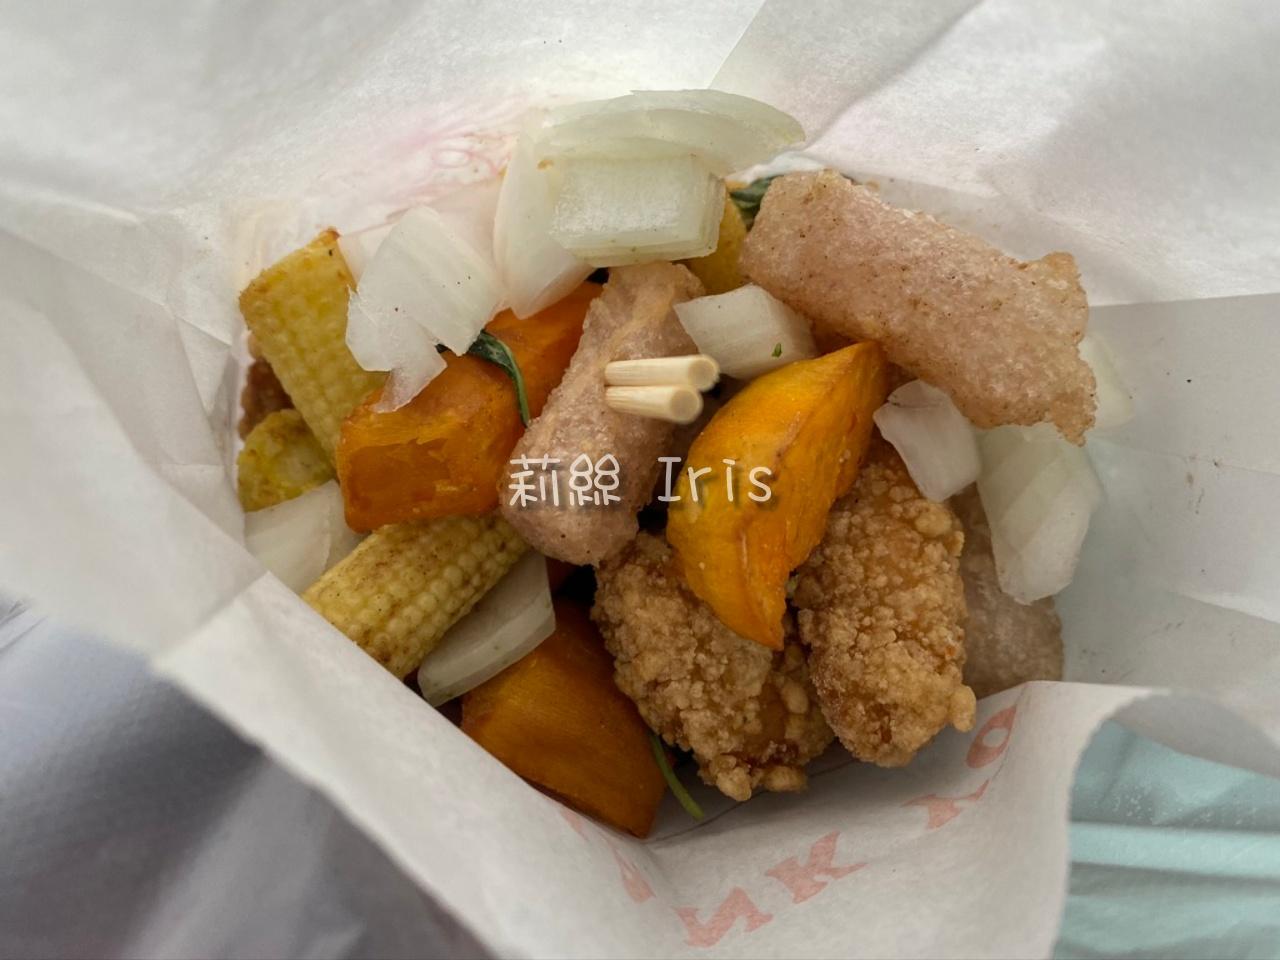 台南鹹酥雞》酥艷文鹹酥G,無敵好吃又不油,絕對回訪!免費加上洋蔥、九層塔!